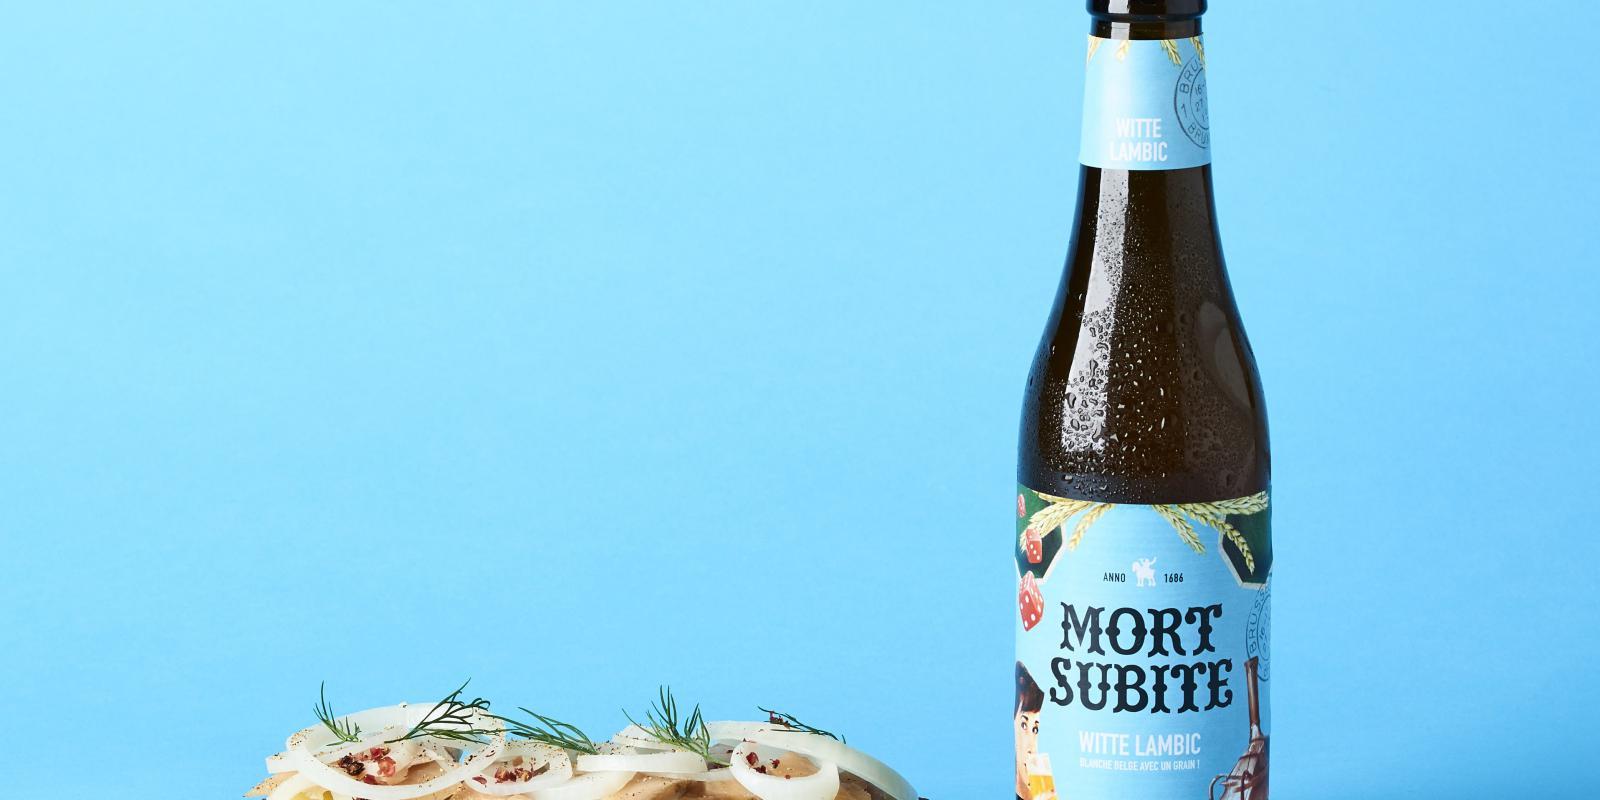 Image décrivant le produit Mort Subite Witte qui fait partie des Bières Bouteilles